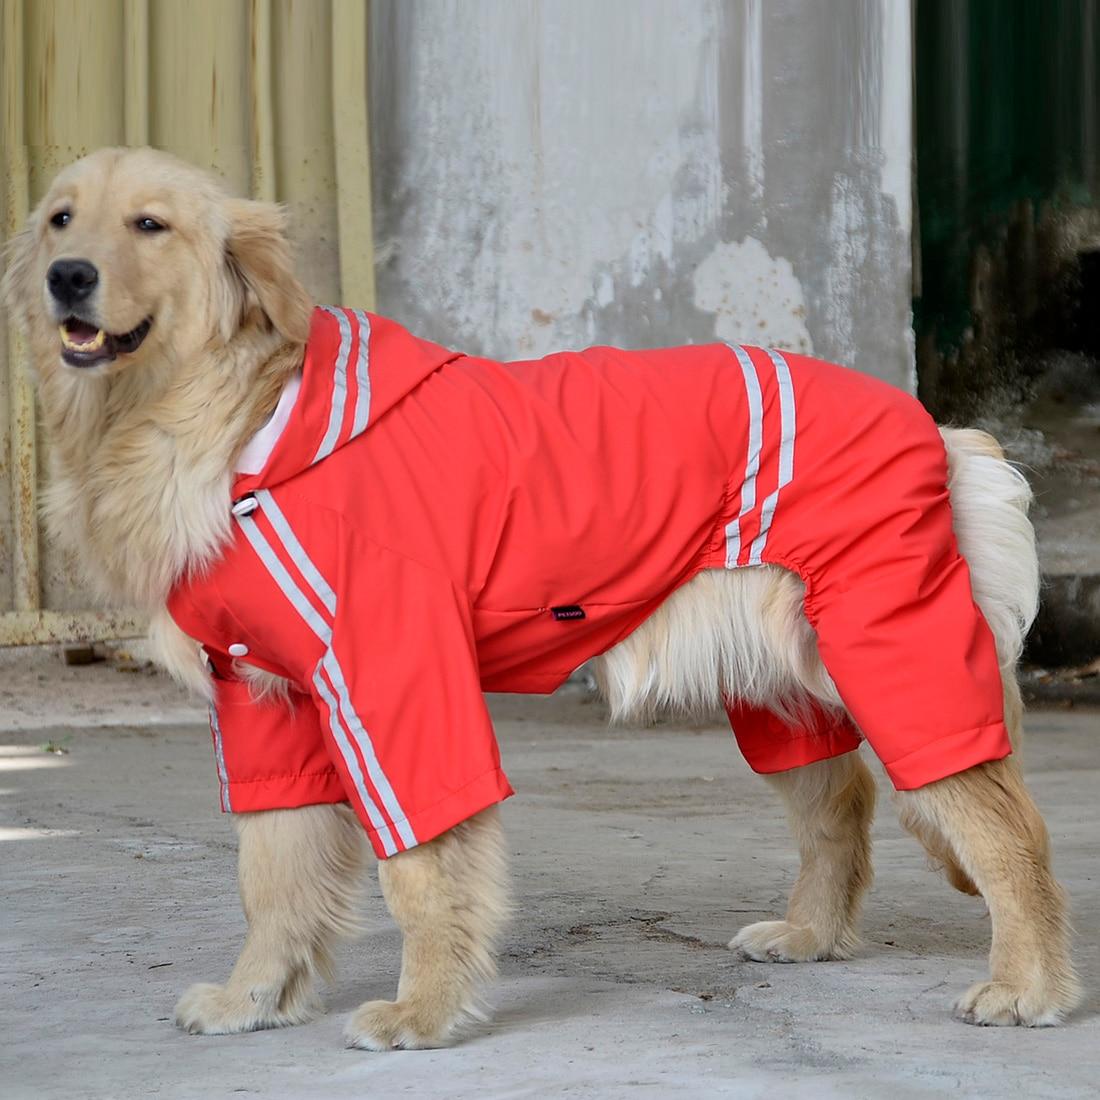 Pet Us8 Große Produkt 38Off Hoodies 33 Größe beste Qualität Haustier Hund Regenmantel Mit Puppy Entworfen Welpen In Mode Kapuze MSUVzp